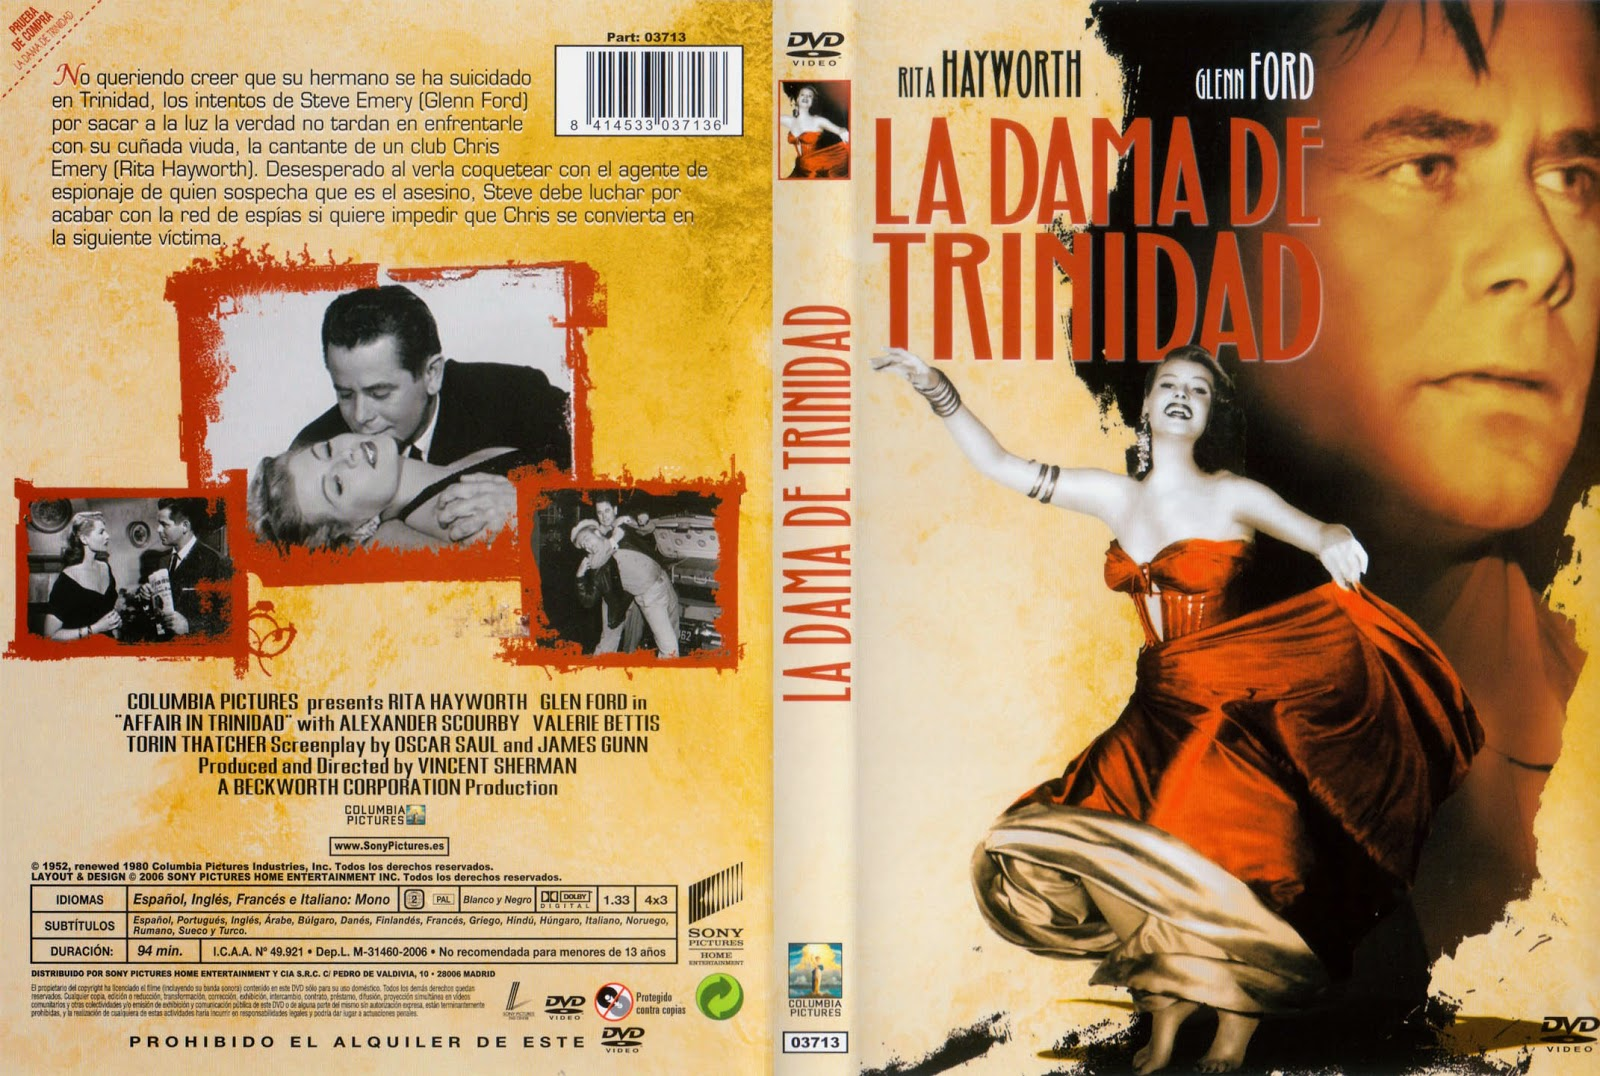 La dama de Trinidad (1952 - Affair in Trinidad)